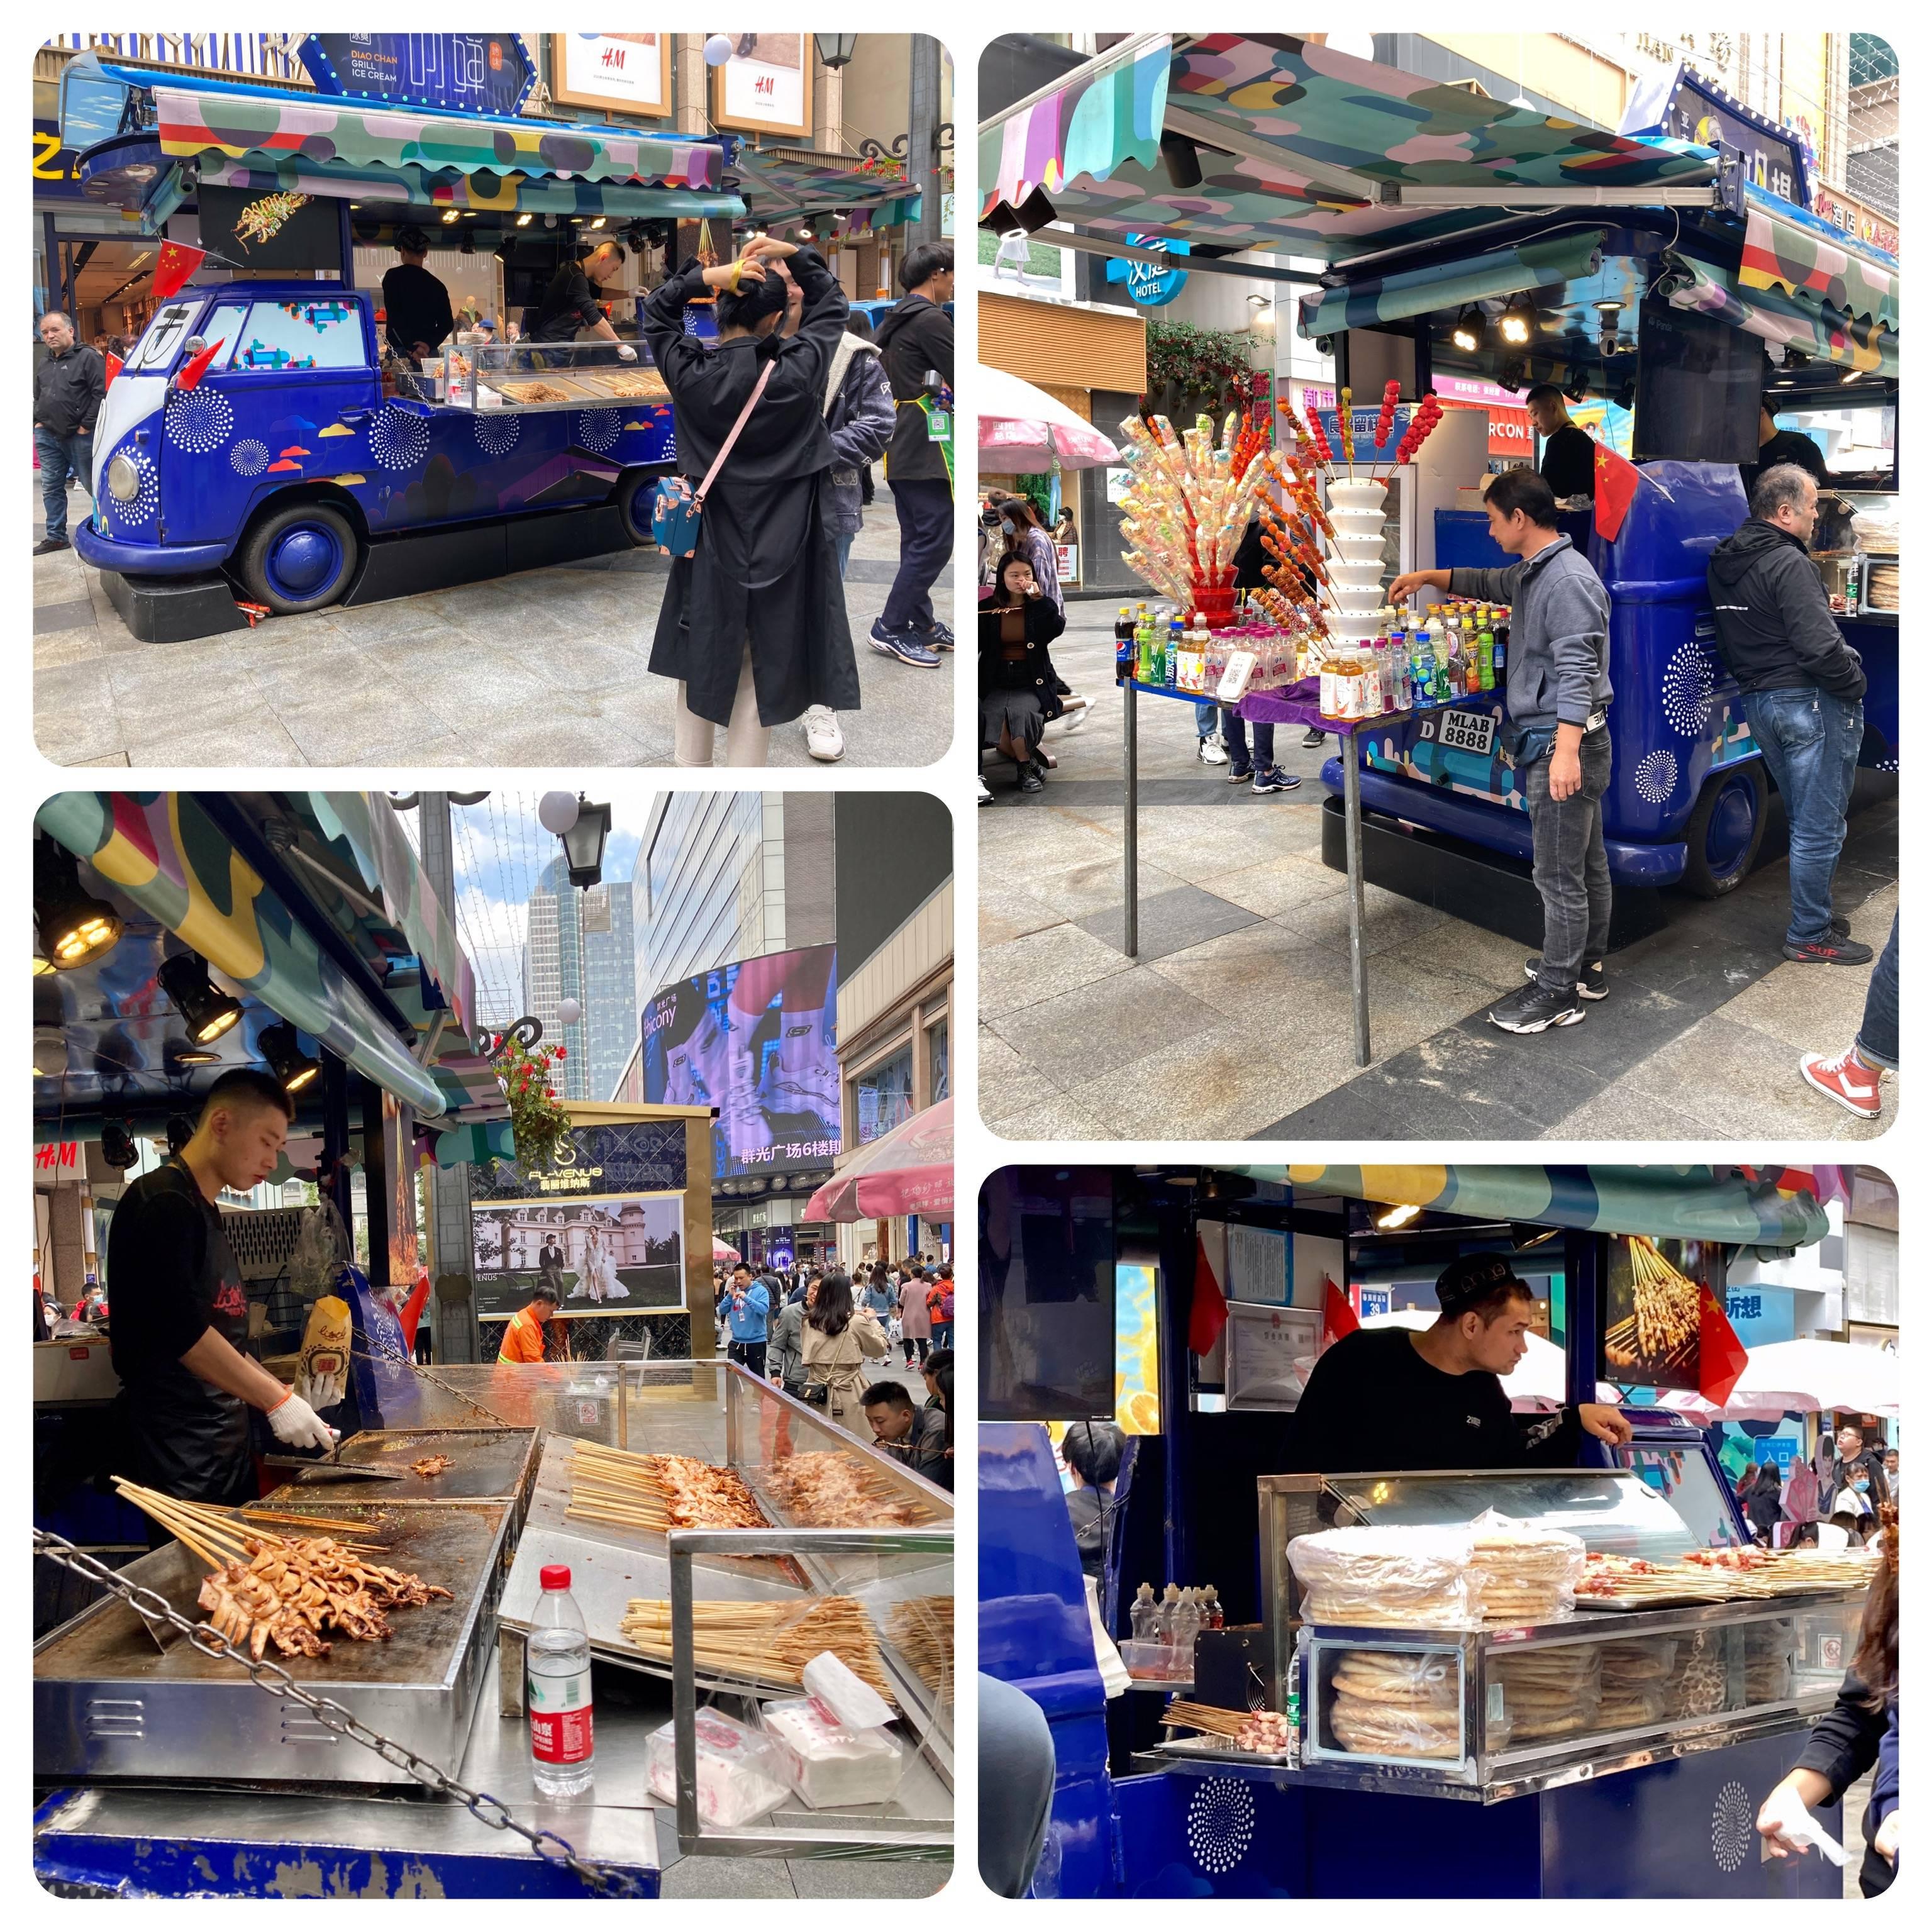 Nesta Kombi em um dos lados espetinhos, do outro lanches e pão árabe, atras sobremesa. 3 empreendedores compartilhando o mesmo espaço.